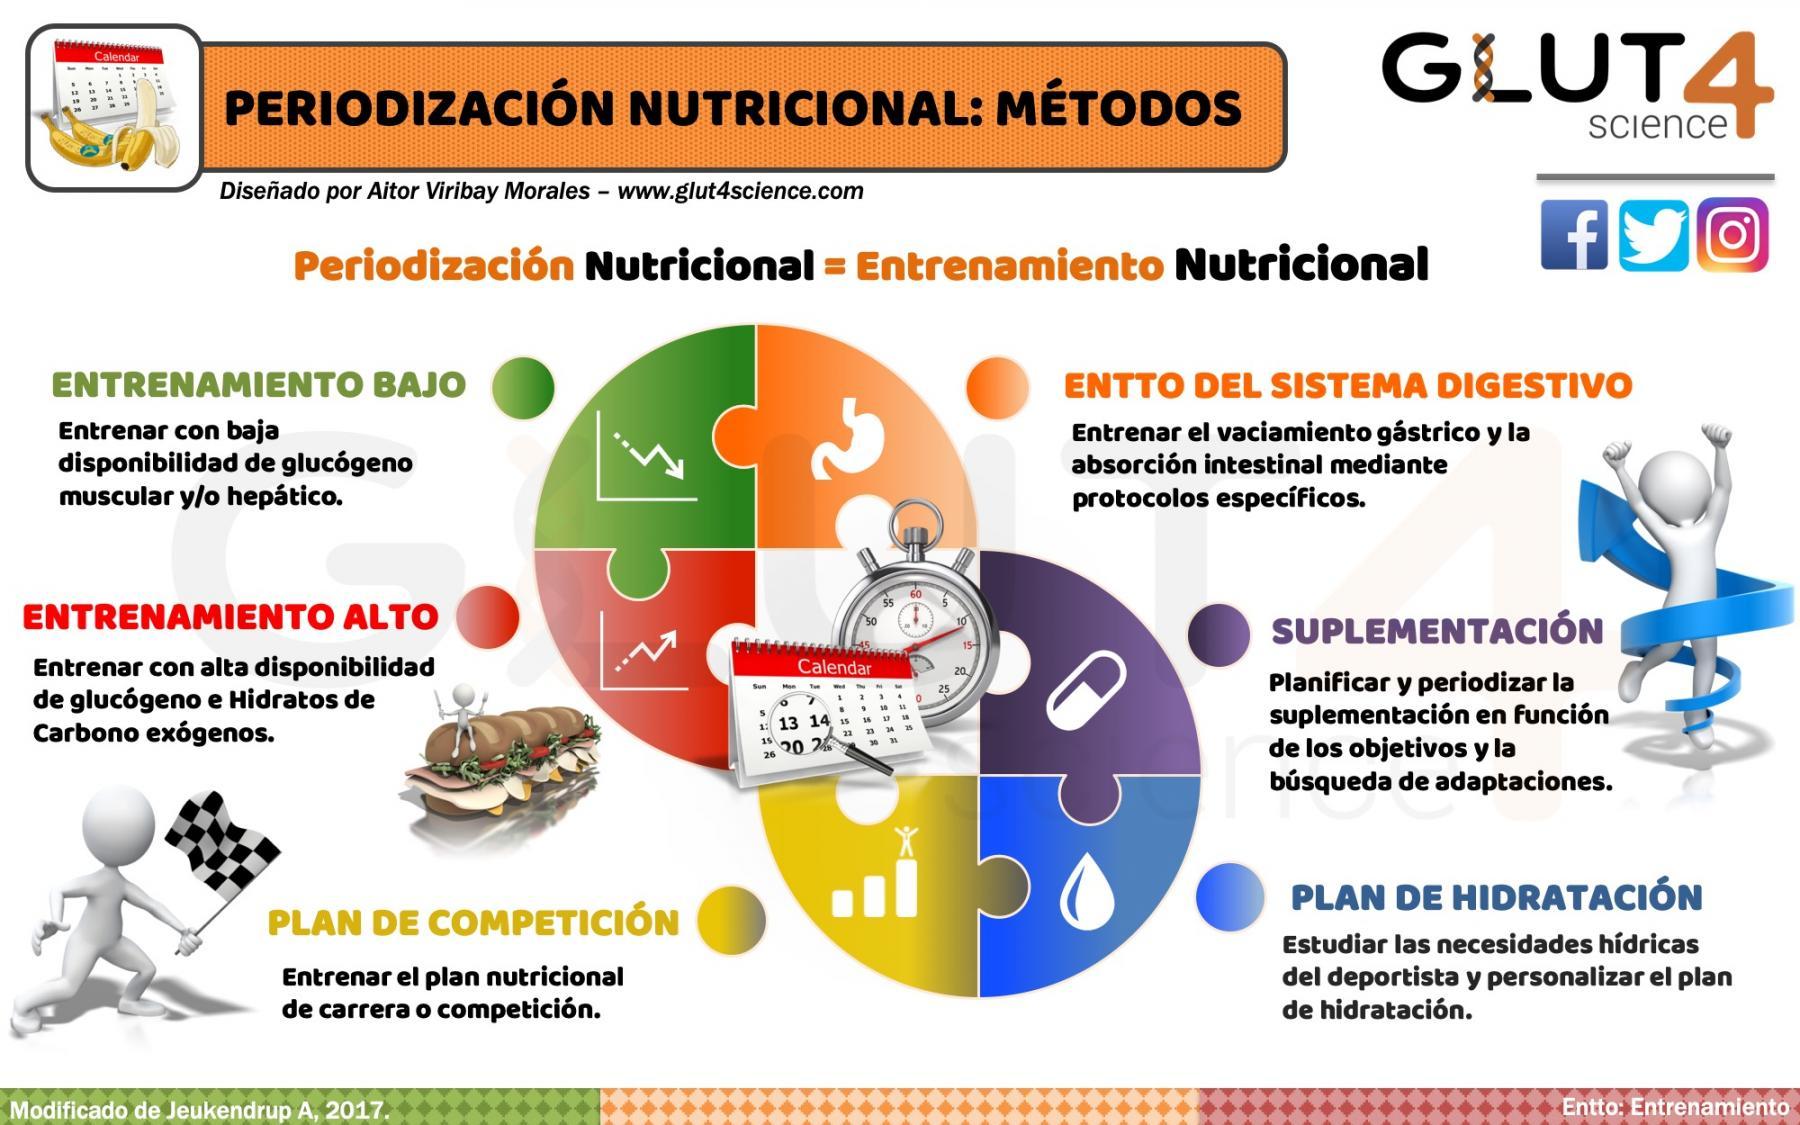 Métodos de Periodización Nutricional